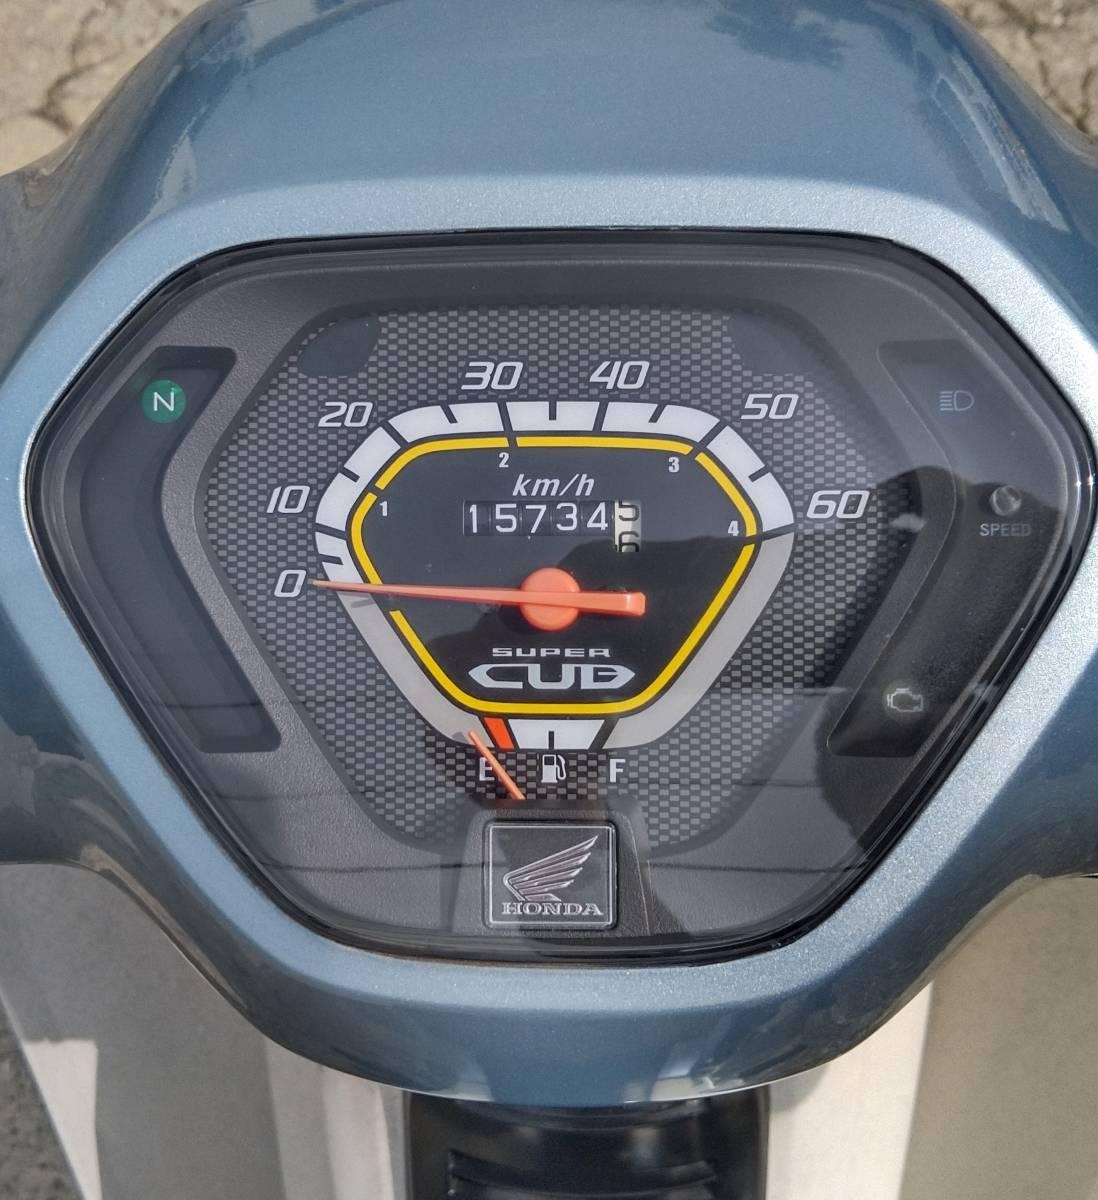 「ホンダ スーパーカブ50 AA04 走行約15800km ご近所の足にいかがでしょうか?」の画像3